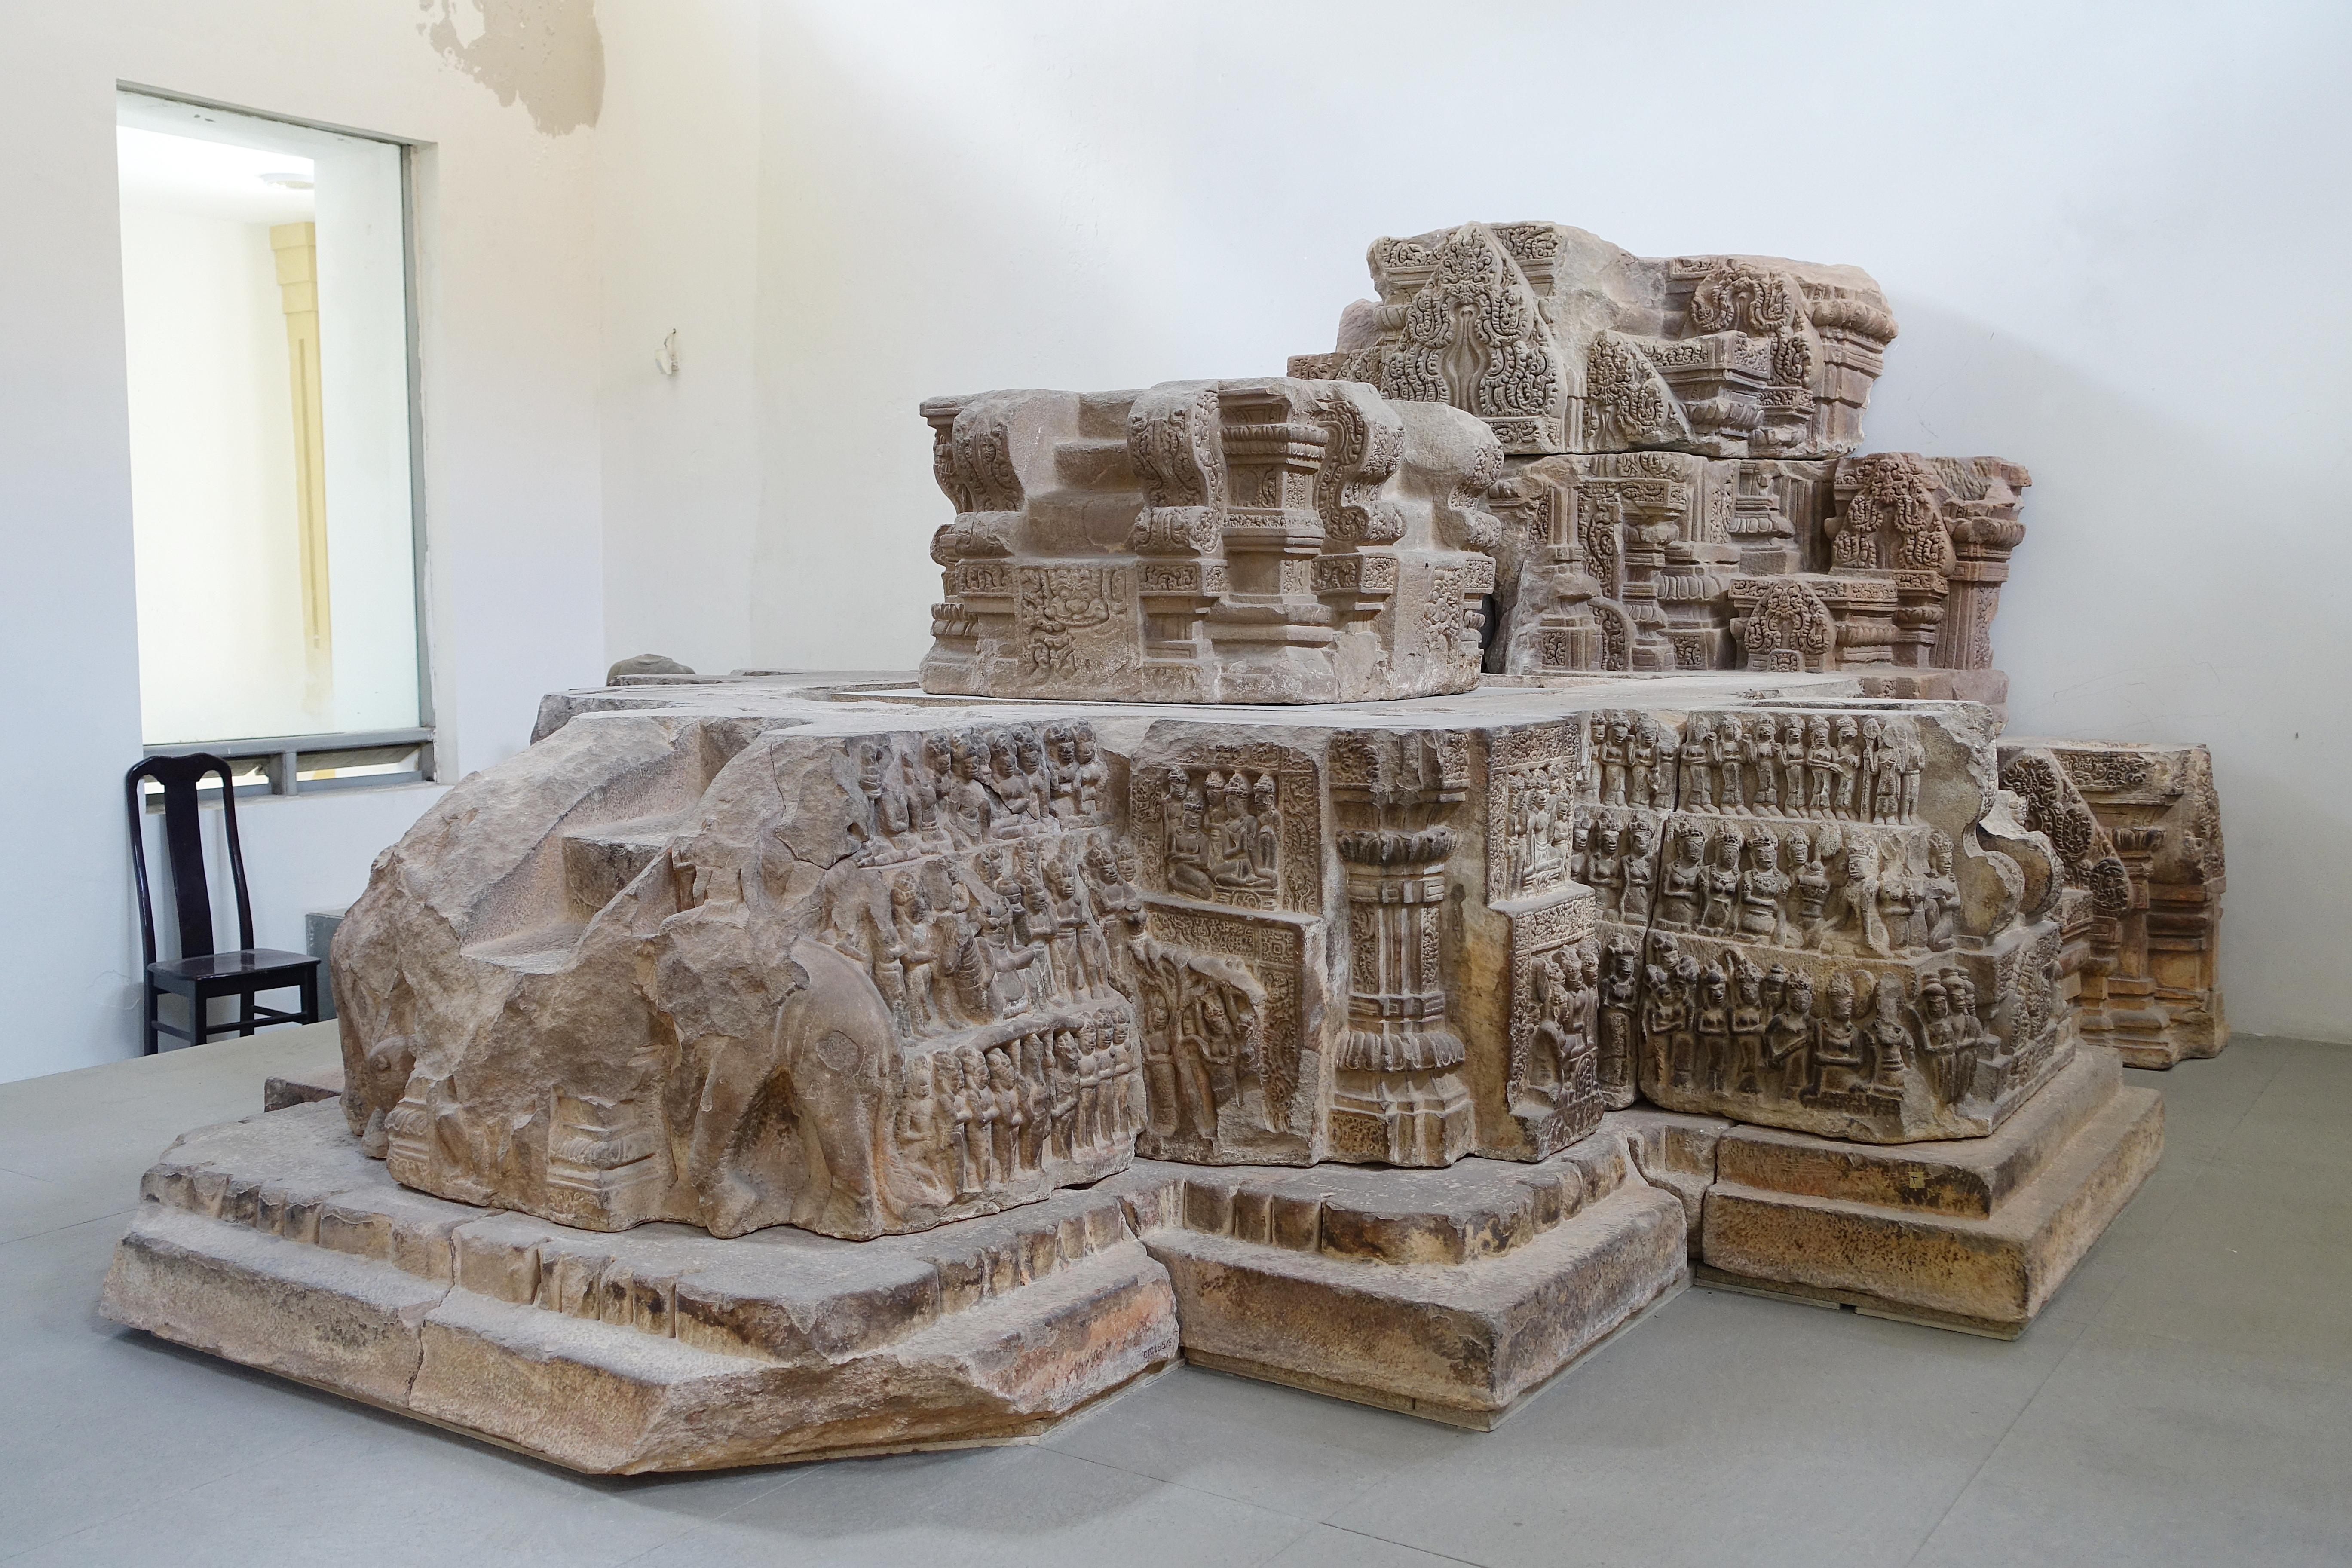 Toàn cảnh đài thờ Đồng Dương được trưng bày tại Bảo tàng Điêu khắc Chăm Đà Nẵng. Nguồn: Daderot.